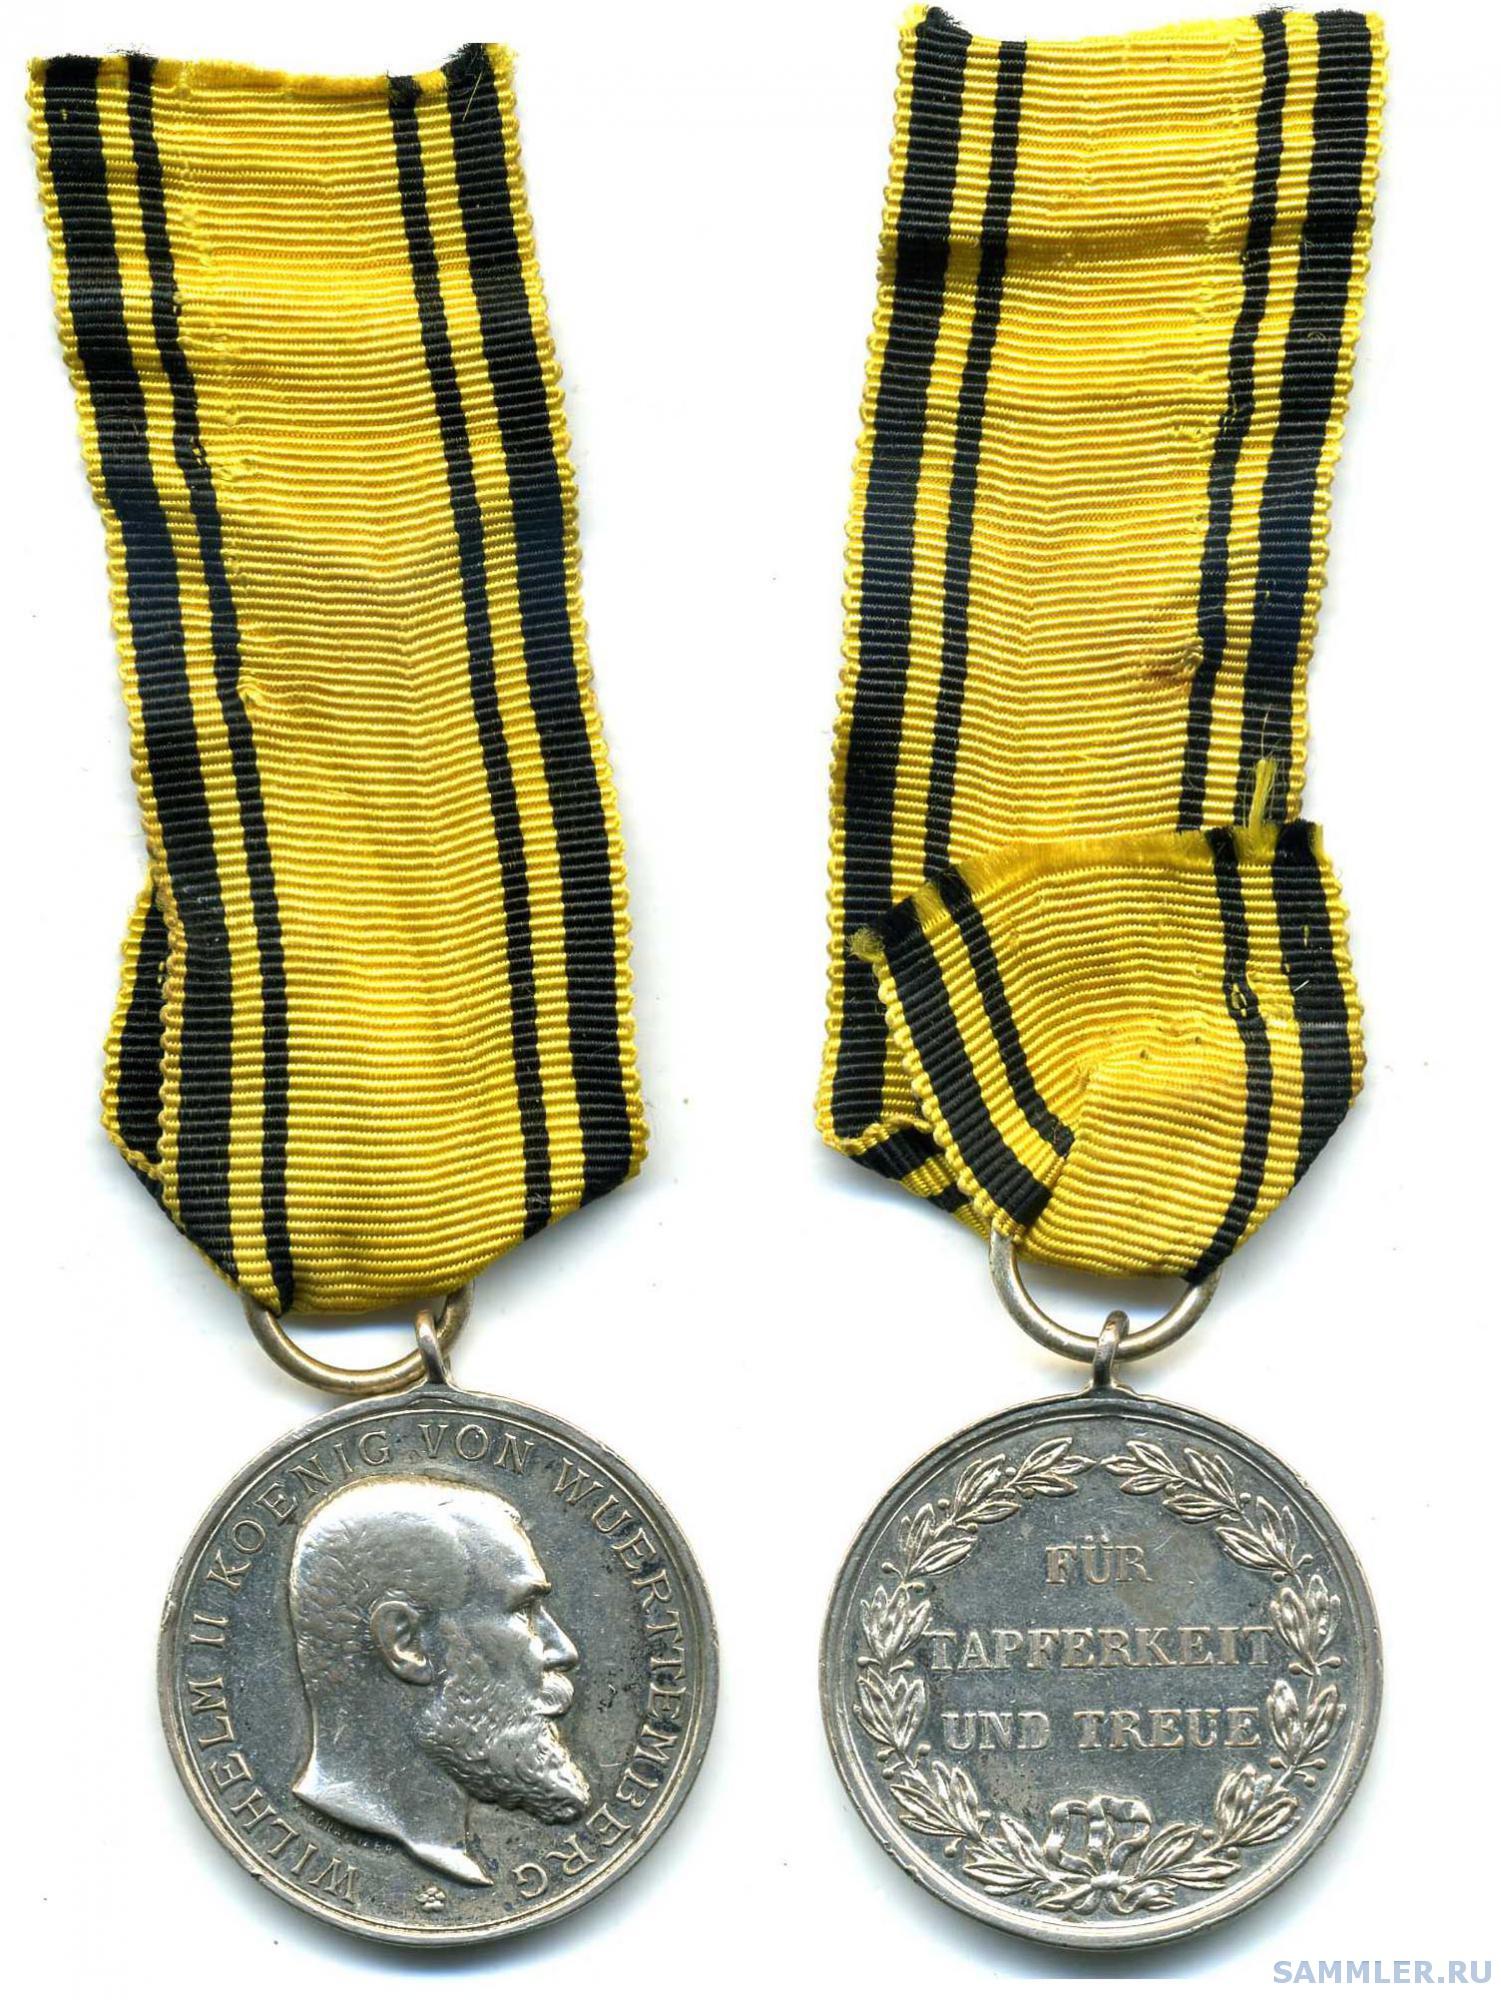 98. Вюртемберг. Медаль За храбрость периода ПМВ. Сделана из настоящего серебра. 1500 руб..jpg